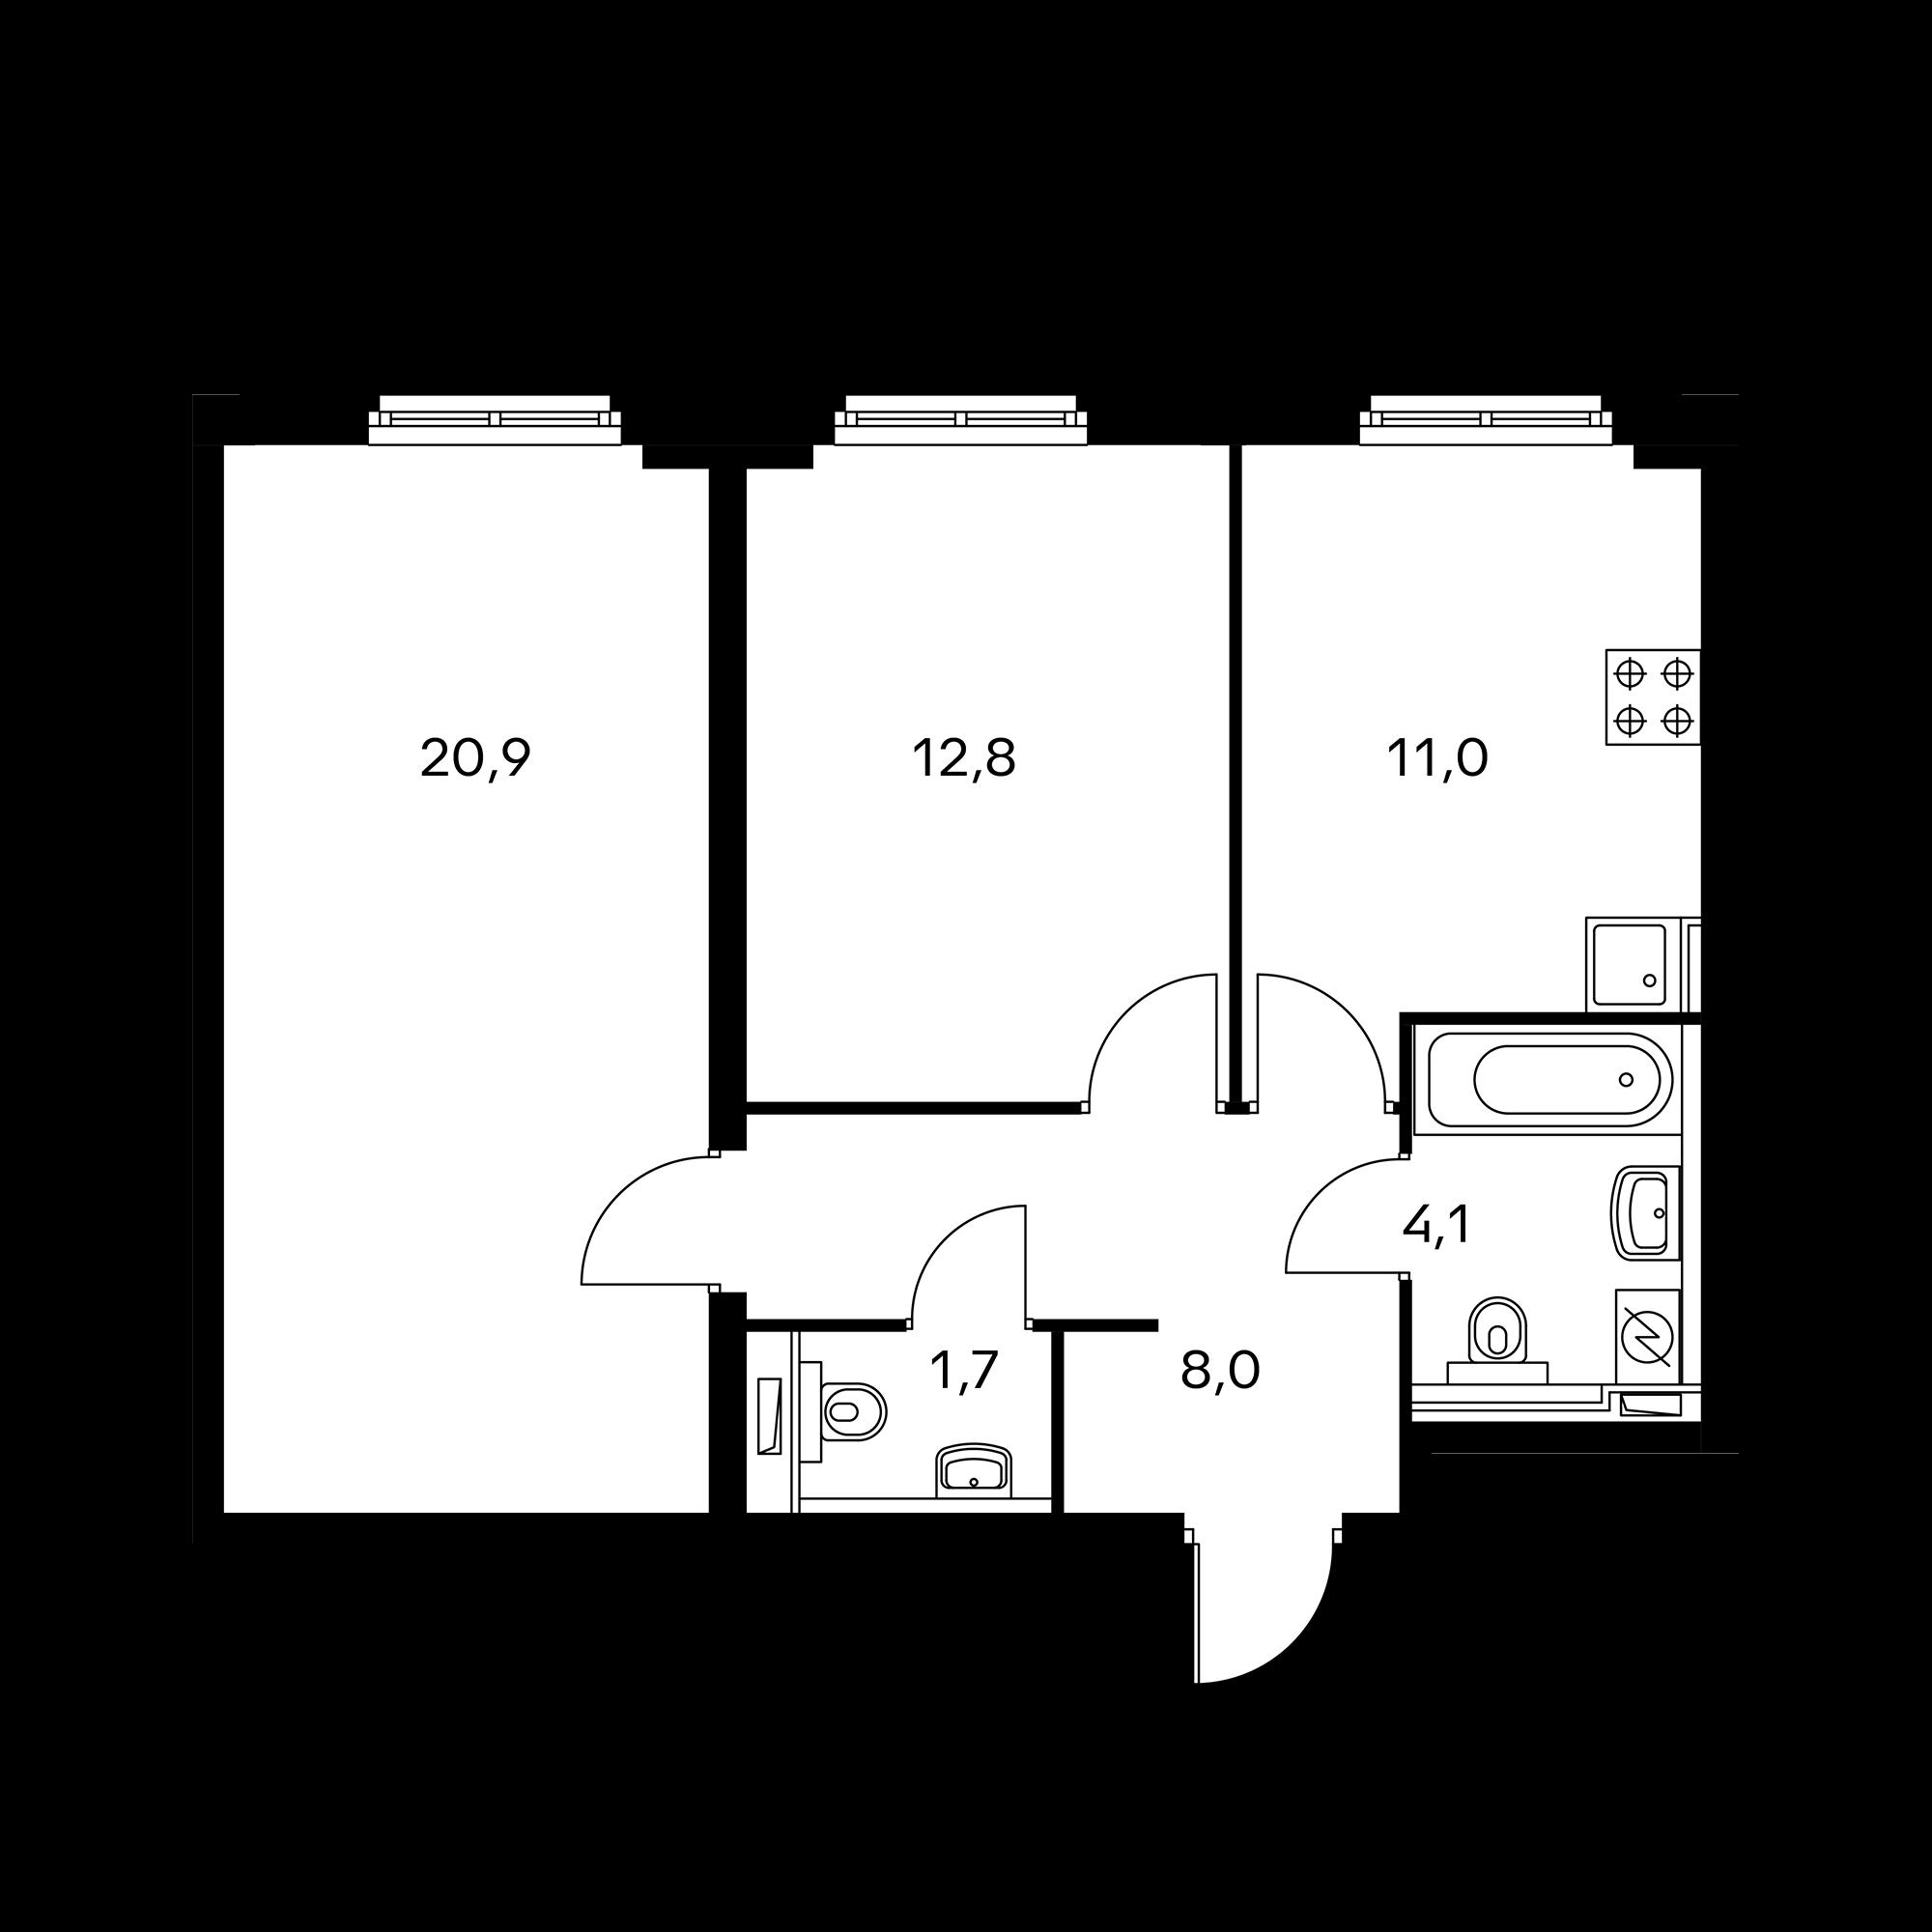 2KM6-9.6-1_S_A